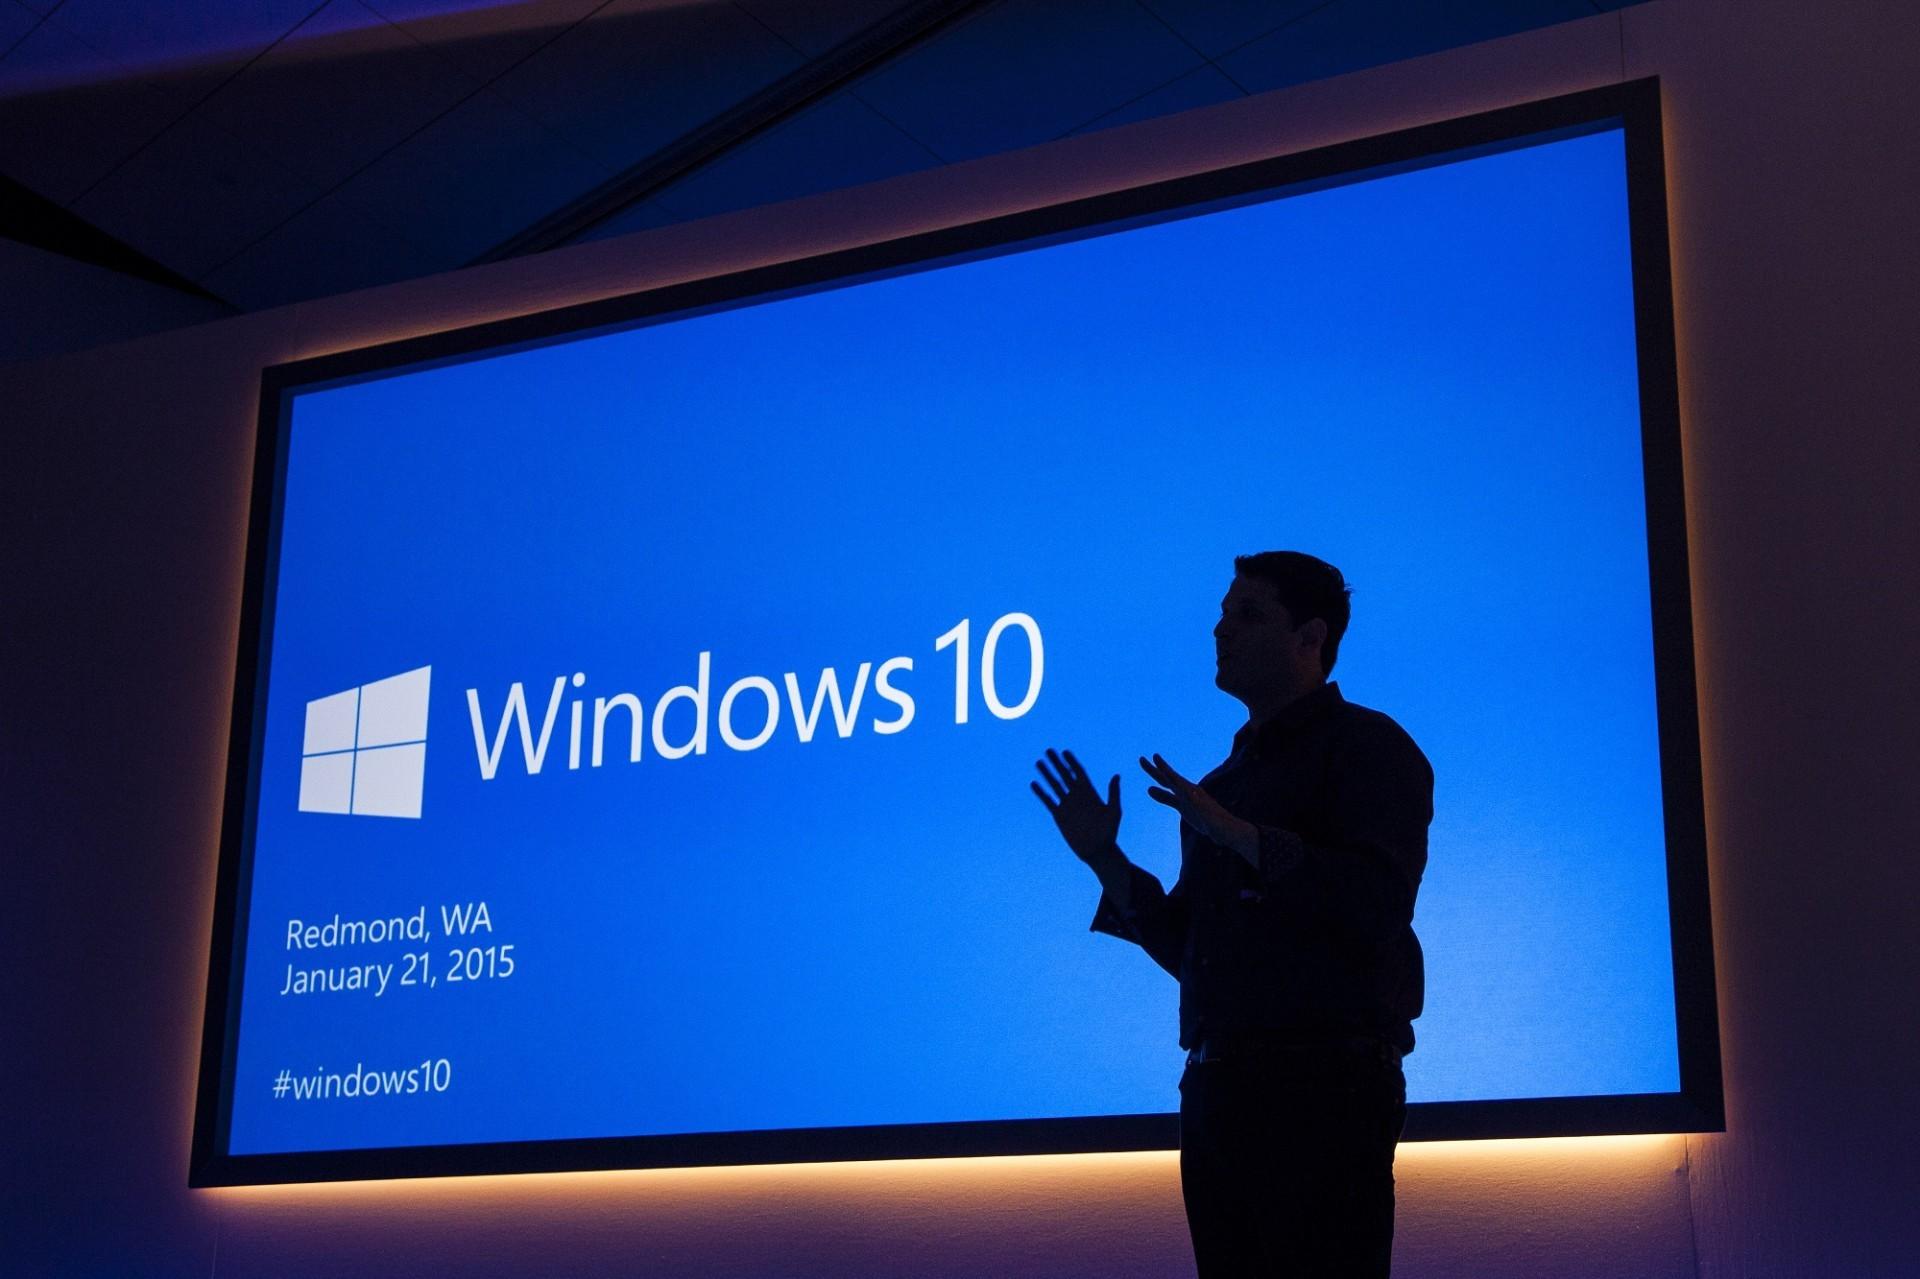 WIN10升级提示将全屏推送